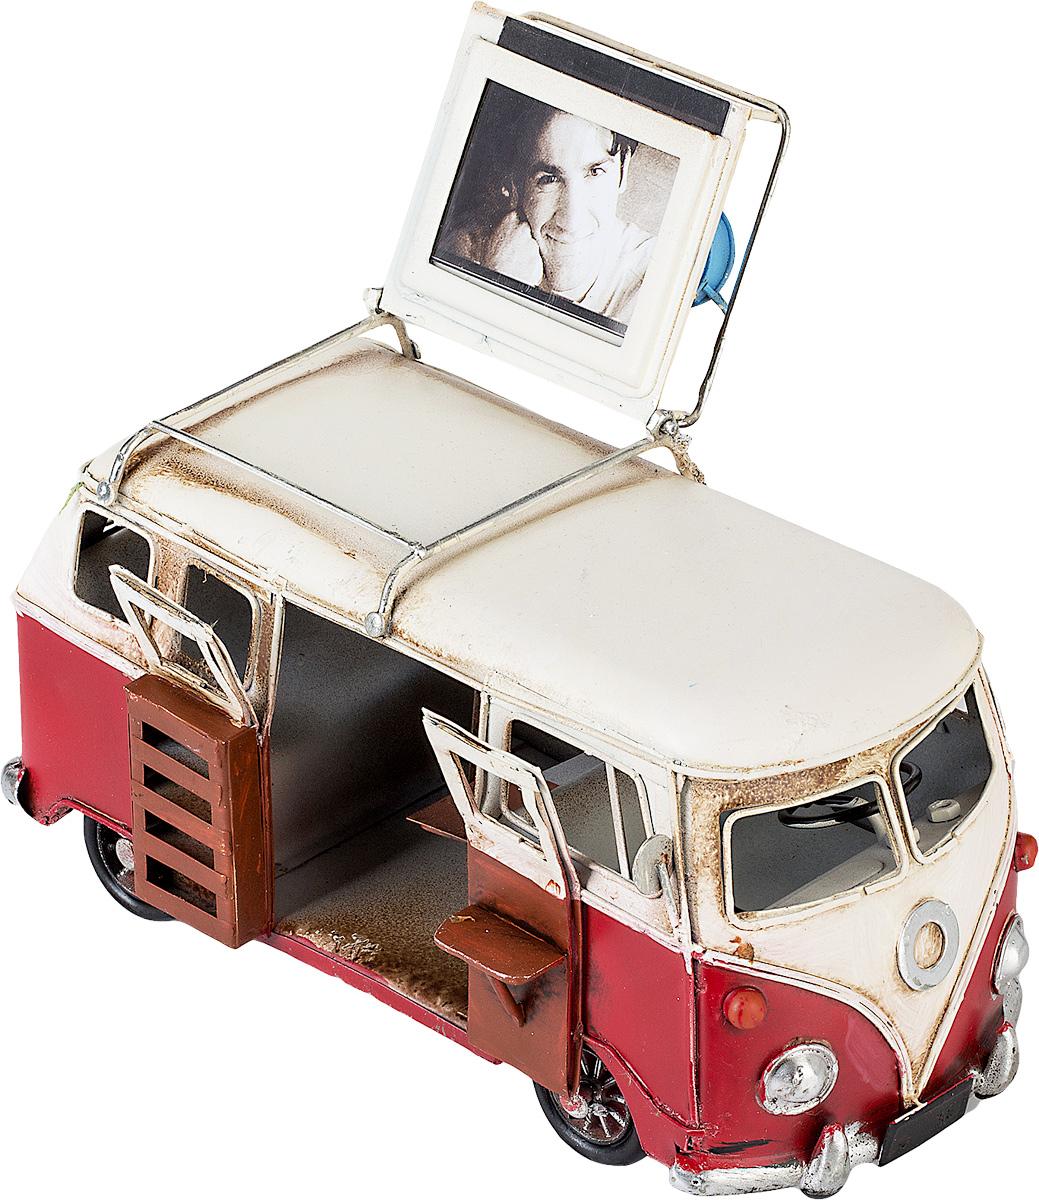 Модель Platinum Автобус, с фоторамкой. 1404E-4355a030041Модель Platinum Автобус, выполненная из металла, станет оригинальным украшением вашего интерьера. Вы можете поставить модель автобуса в любом месте, где она будет удачно смотреться.Изделие дополнено фоторамкой, куда вы можете вставить вашу любимую фотографию.Качество исполнения, точные детали и оригинальный дизайн выделяют эту модель среди ряда подобных. Модель займет достойное место в вашей коллекции, а также приятно удивит получателя в качестве стильного сувенира.Размер фотографии: 4 х 5 см.